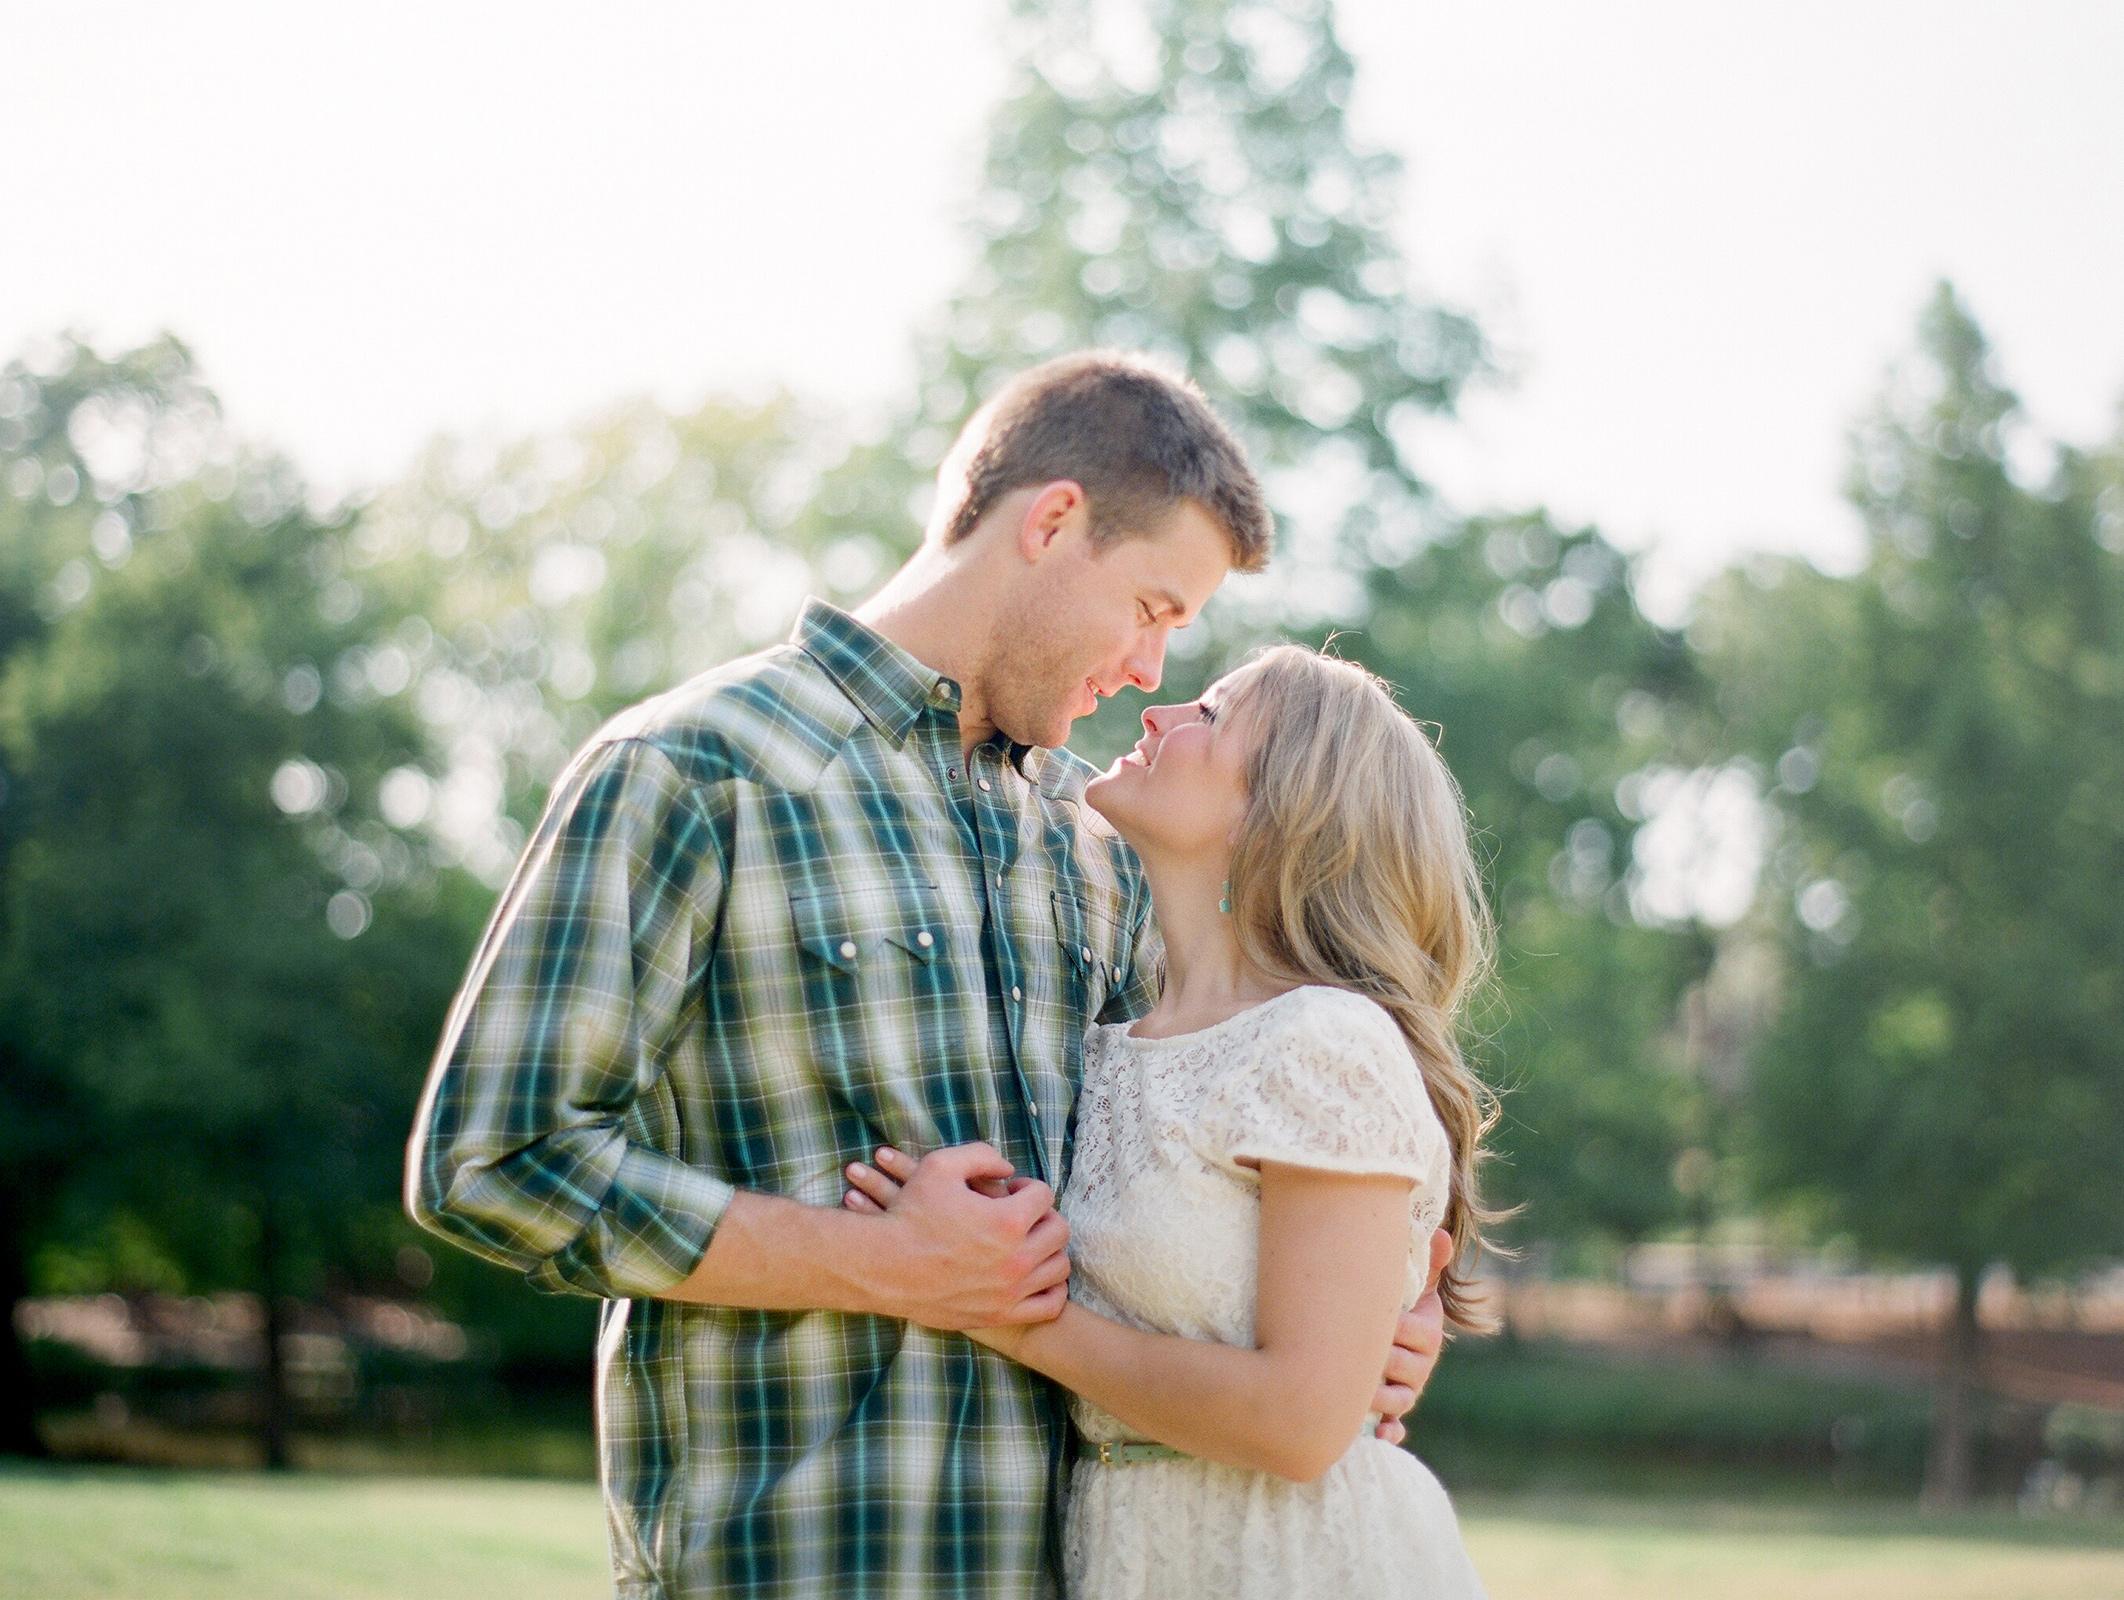 0021-Houston-Film-River-Oaks-Engagement-Photographers.jpg